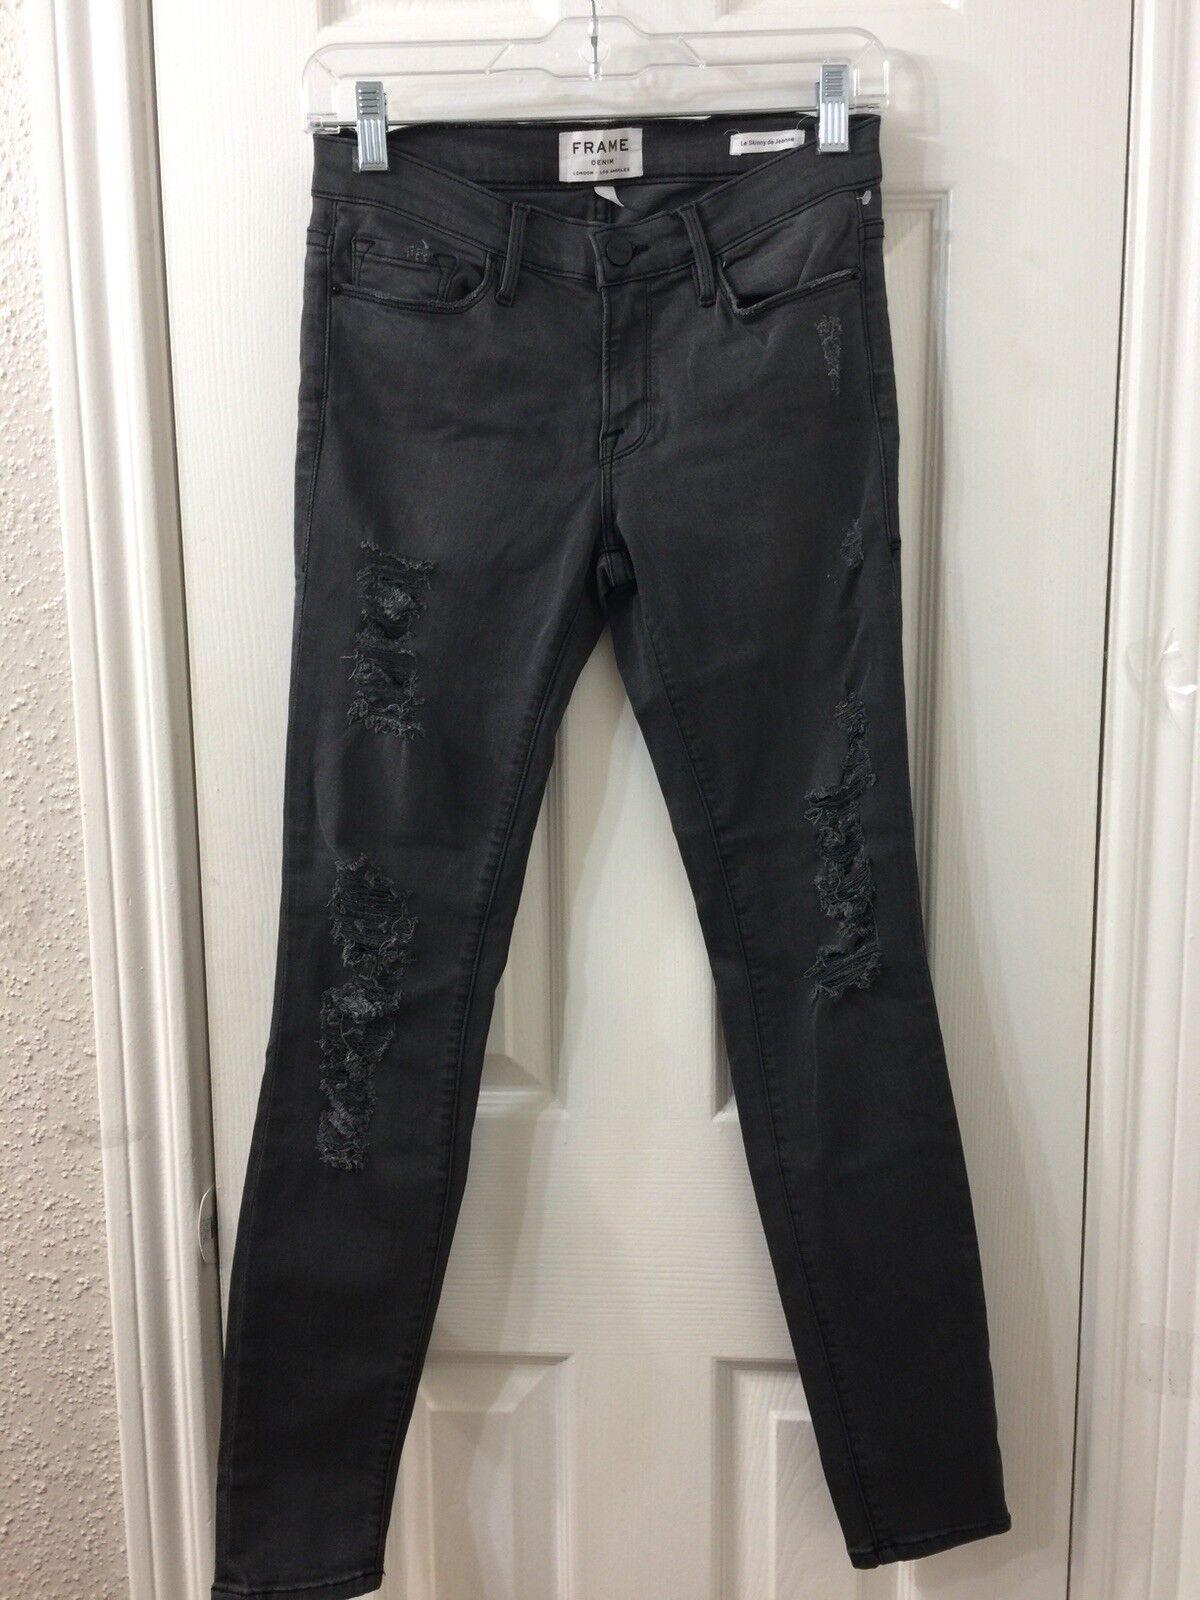 Frame denim le skinny de jeanne Dark Grey Rip Jeans Sz 27